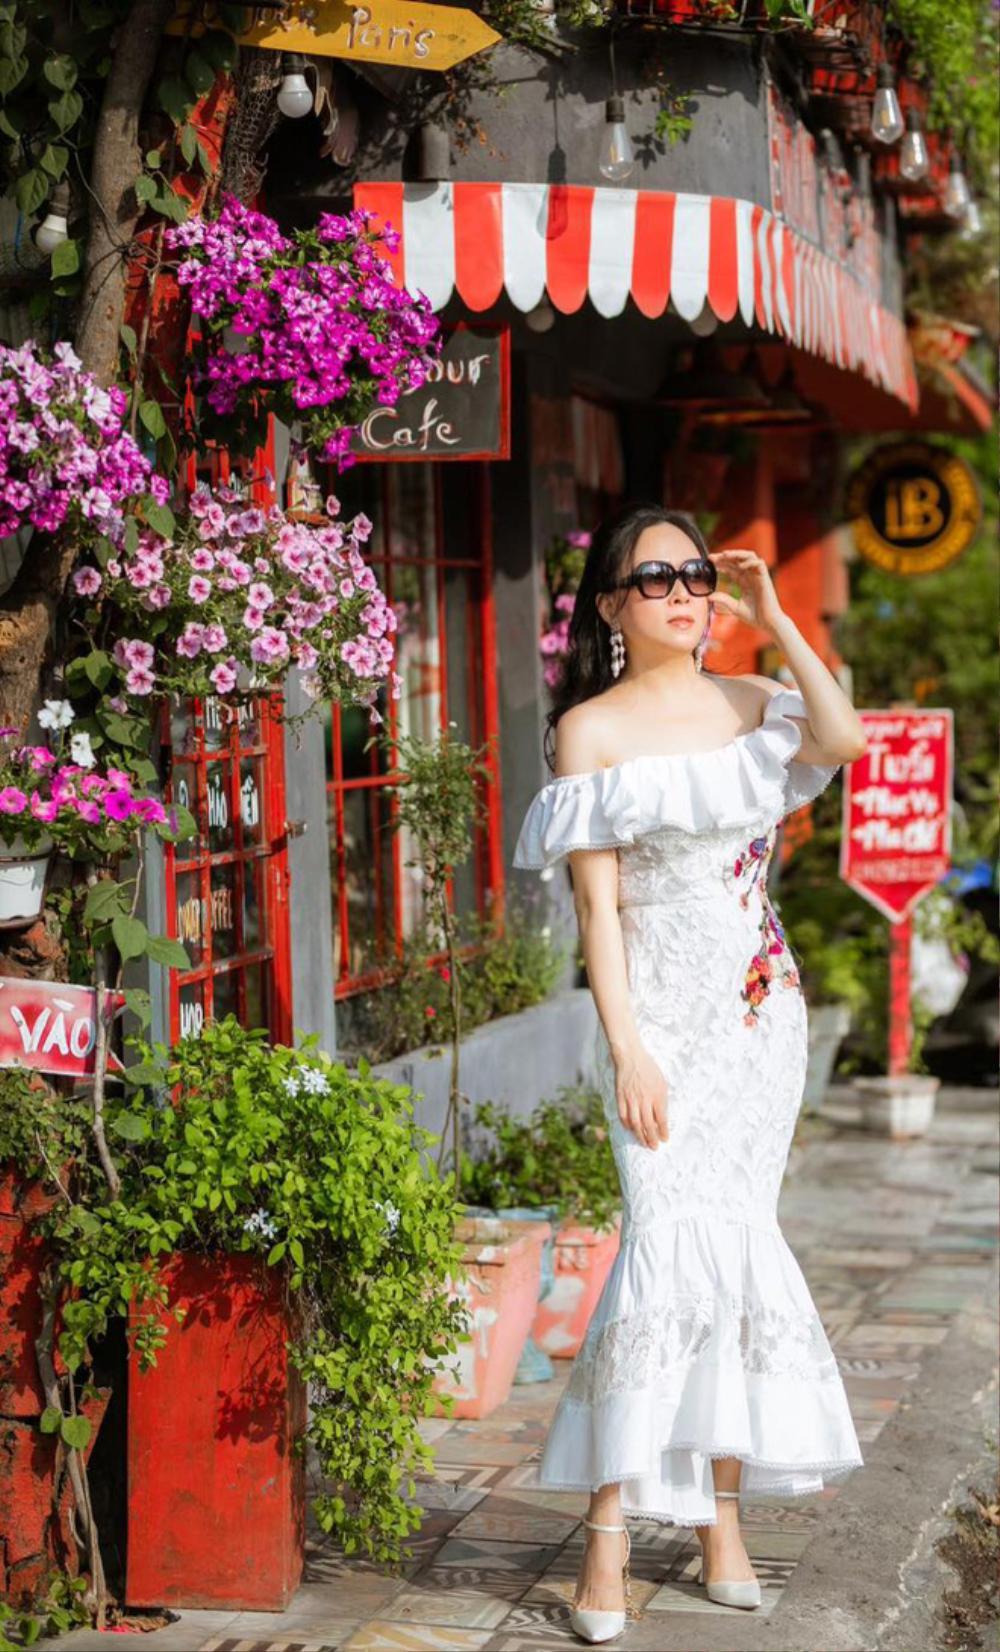 Khoe vai trần gợi cảm, Phượng Chanel 'đốn tim' dân mạng với nhan sắc 'lão hóa ngược' Ảnh 3